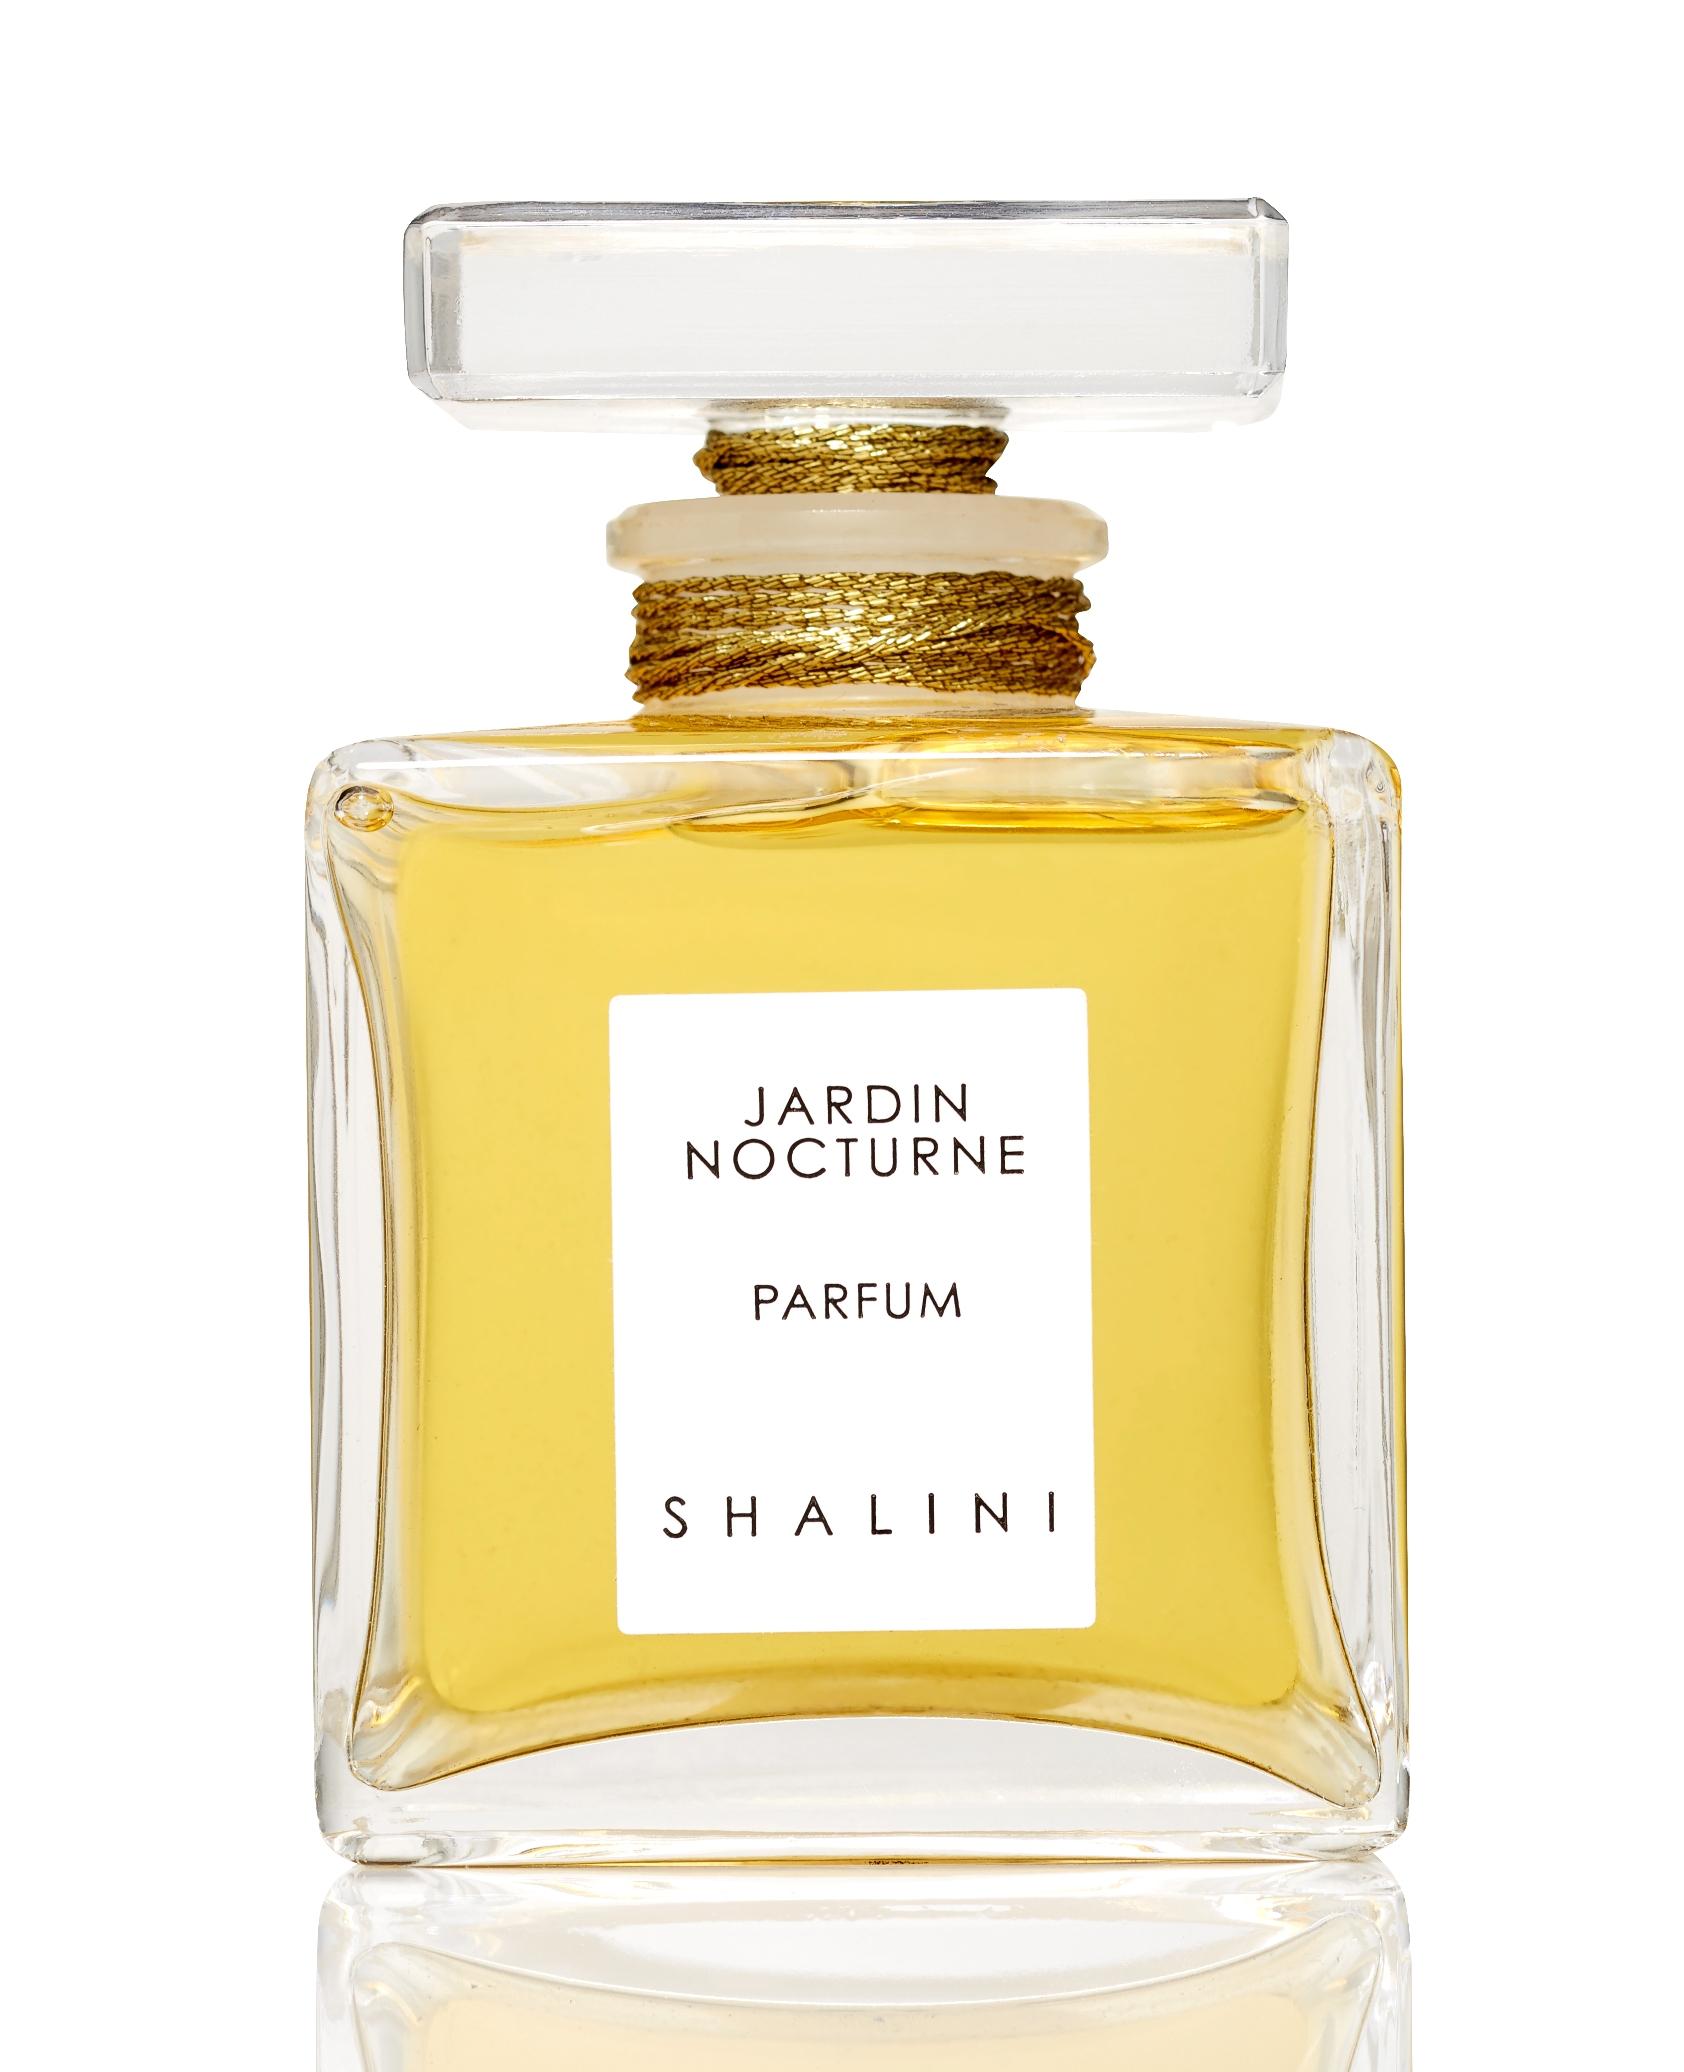 Jardin nocturne shalini perfume a new fragrance for for Jardin nocturne